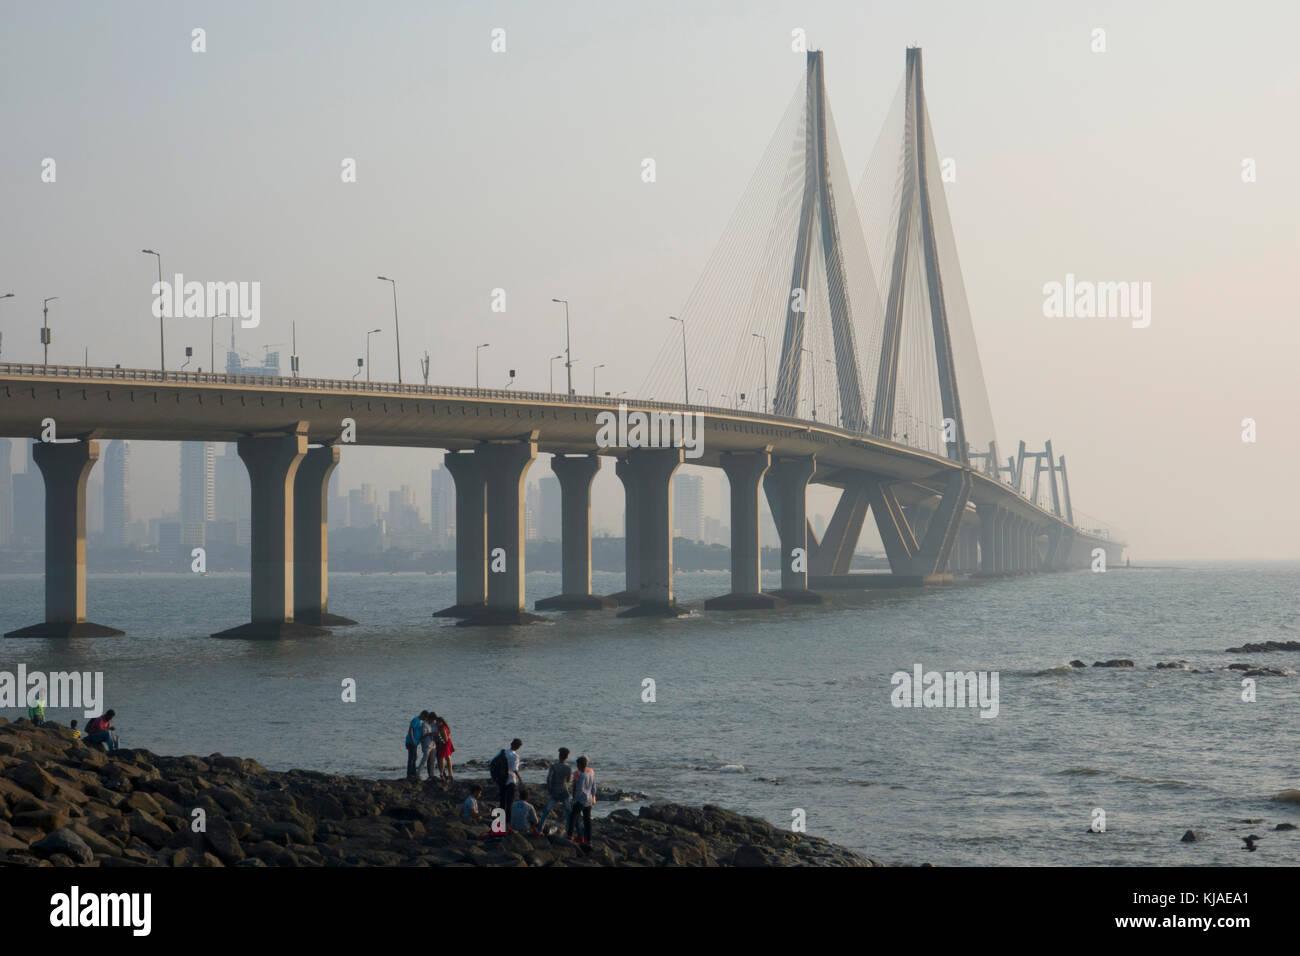 Rajiv Gandhi mare ponte di collegamento tra bandra e worli, Mumbai Immagini Stock